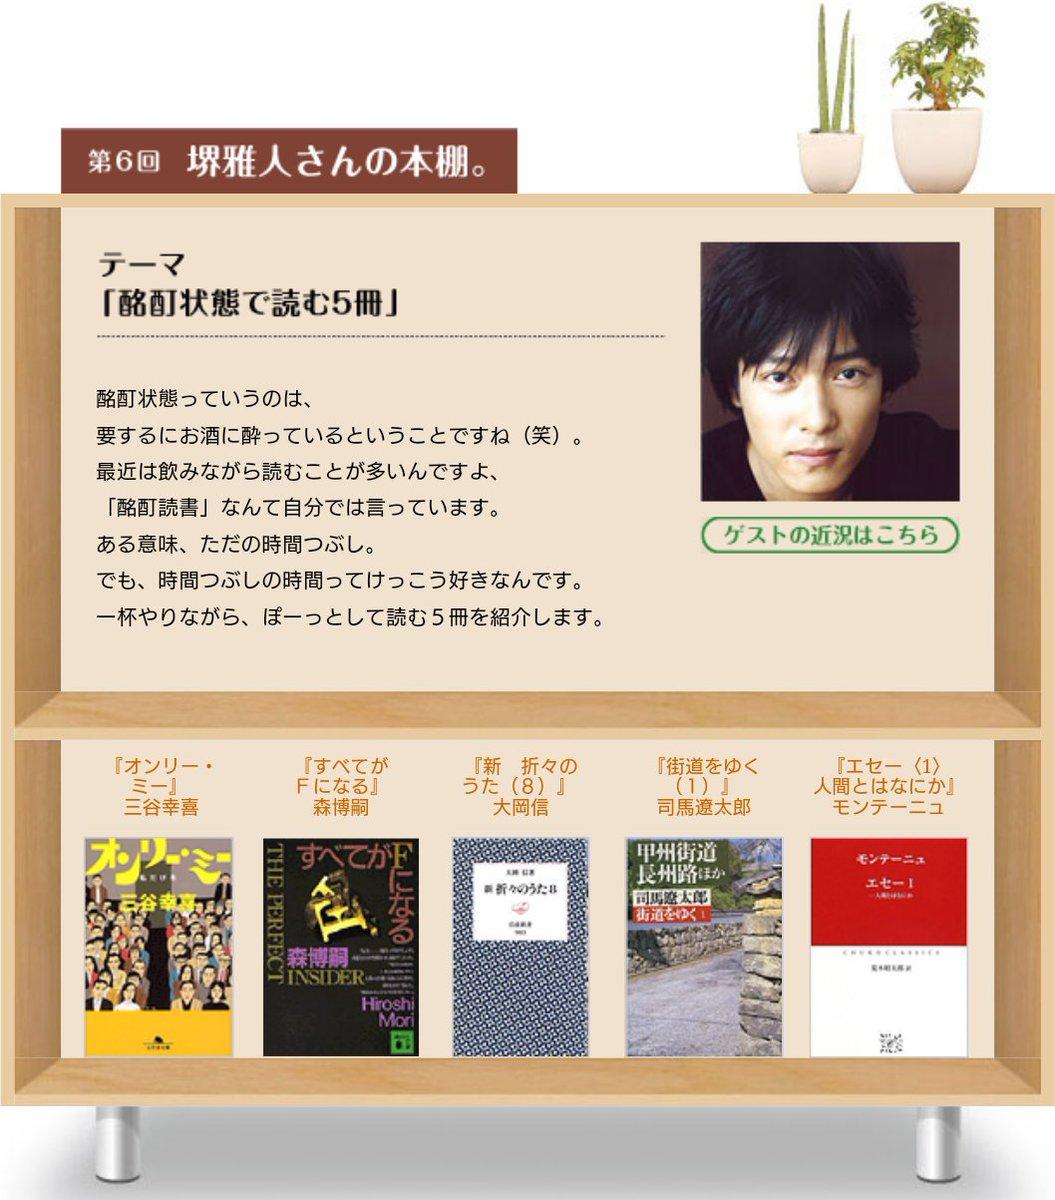 堺雅人「酩酊状態で読む5冊」 (2007/9/20) ...10年前!ありがたい贅沢な企画だ、しかもおすすめ理由の解説付